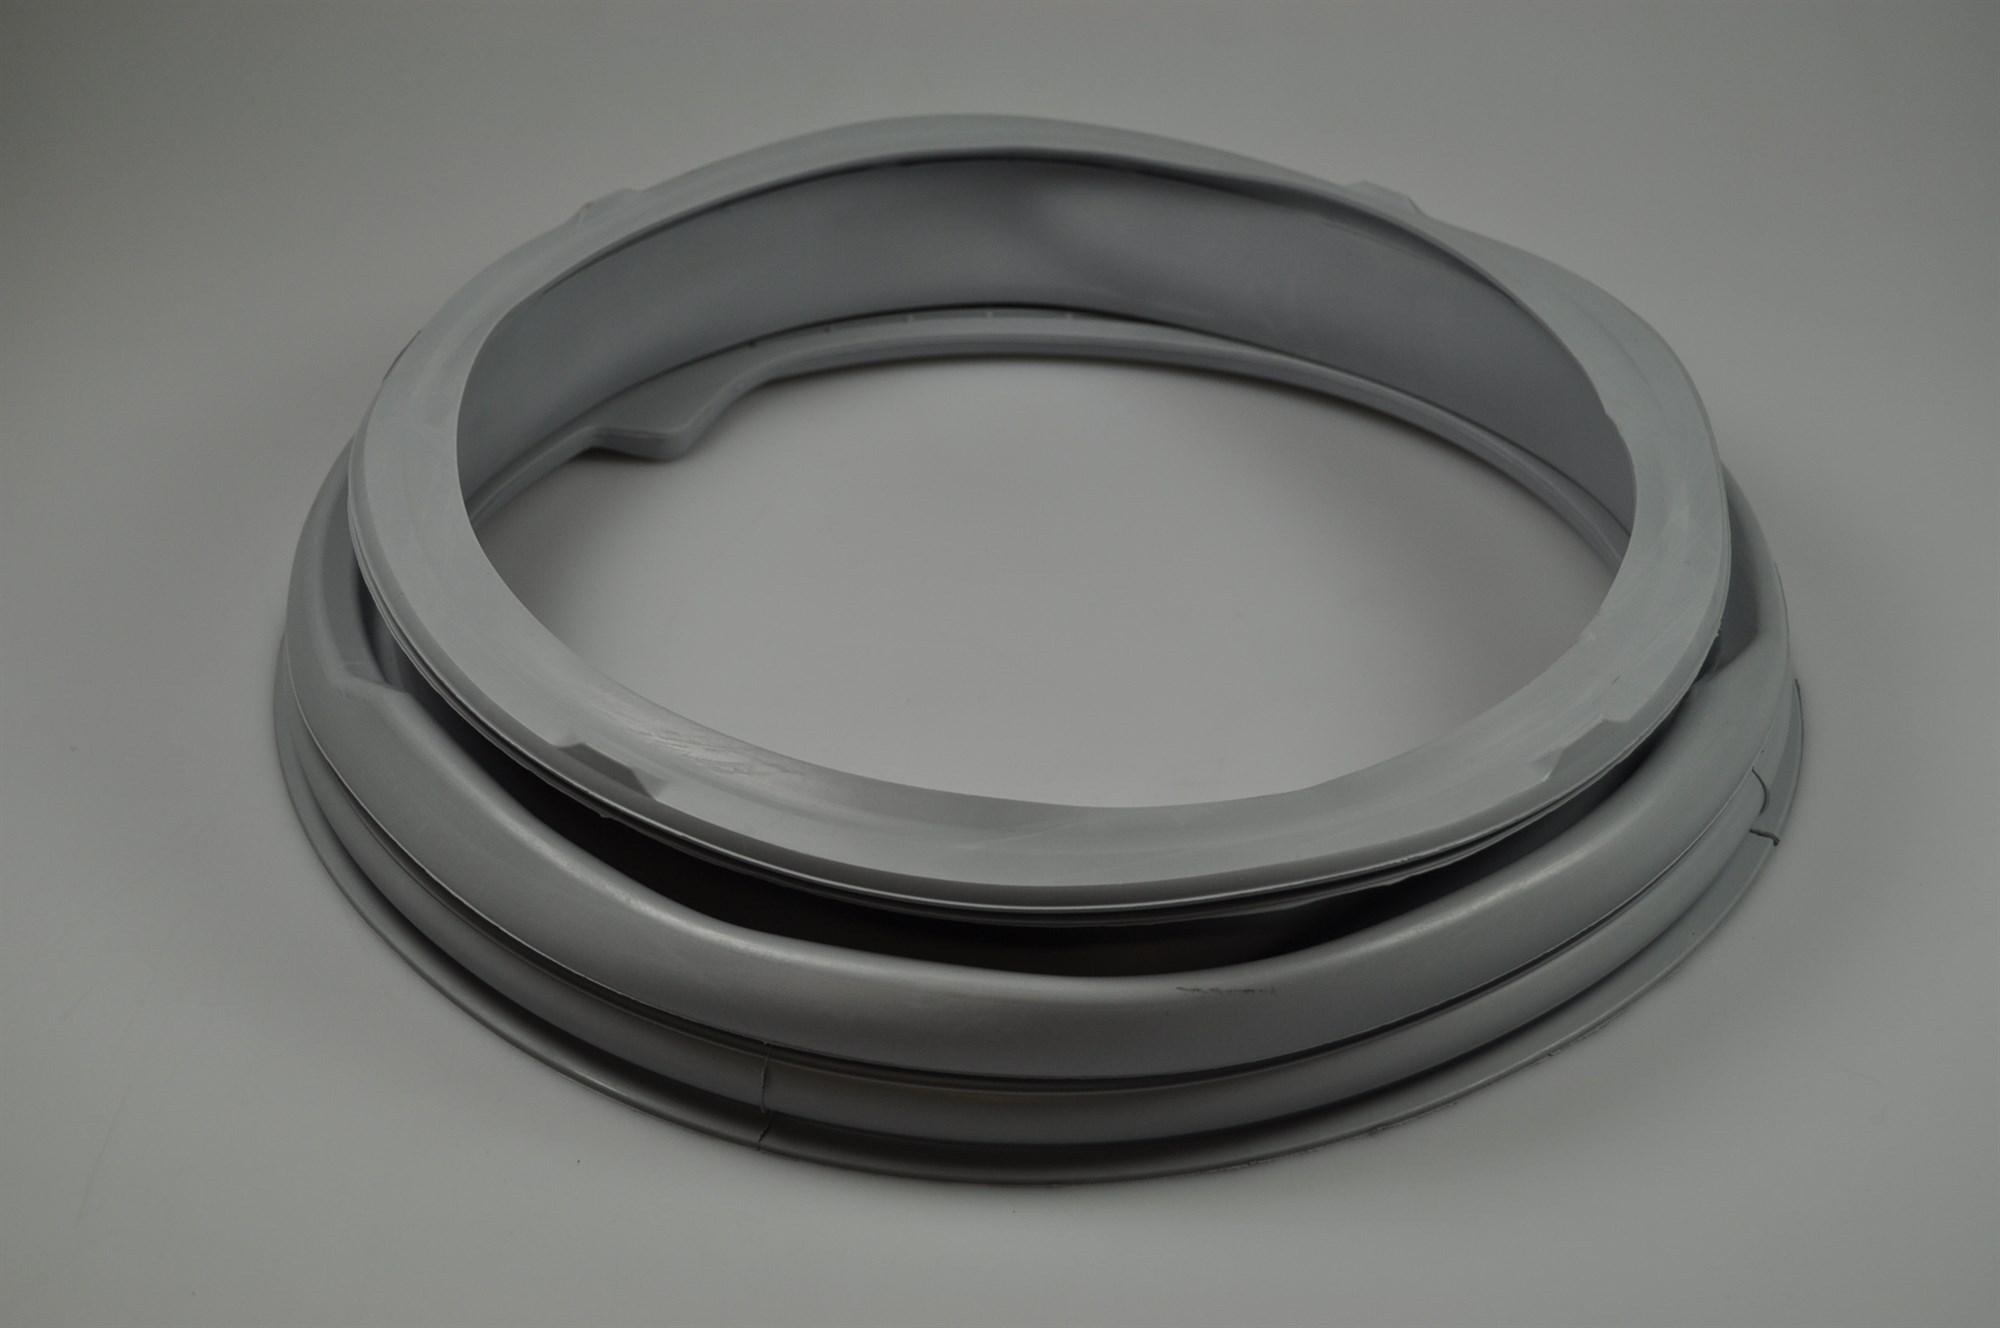 Gorenje Kühlschrank Ersatzteile Dichtung : Dichtungsring gorenje waschmaschine gummi